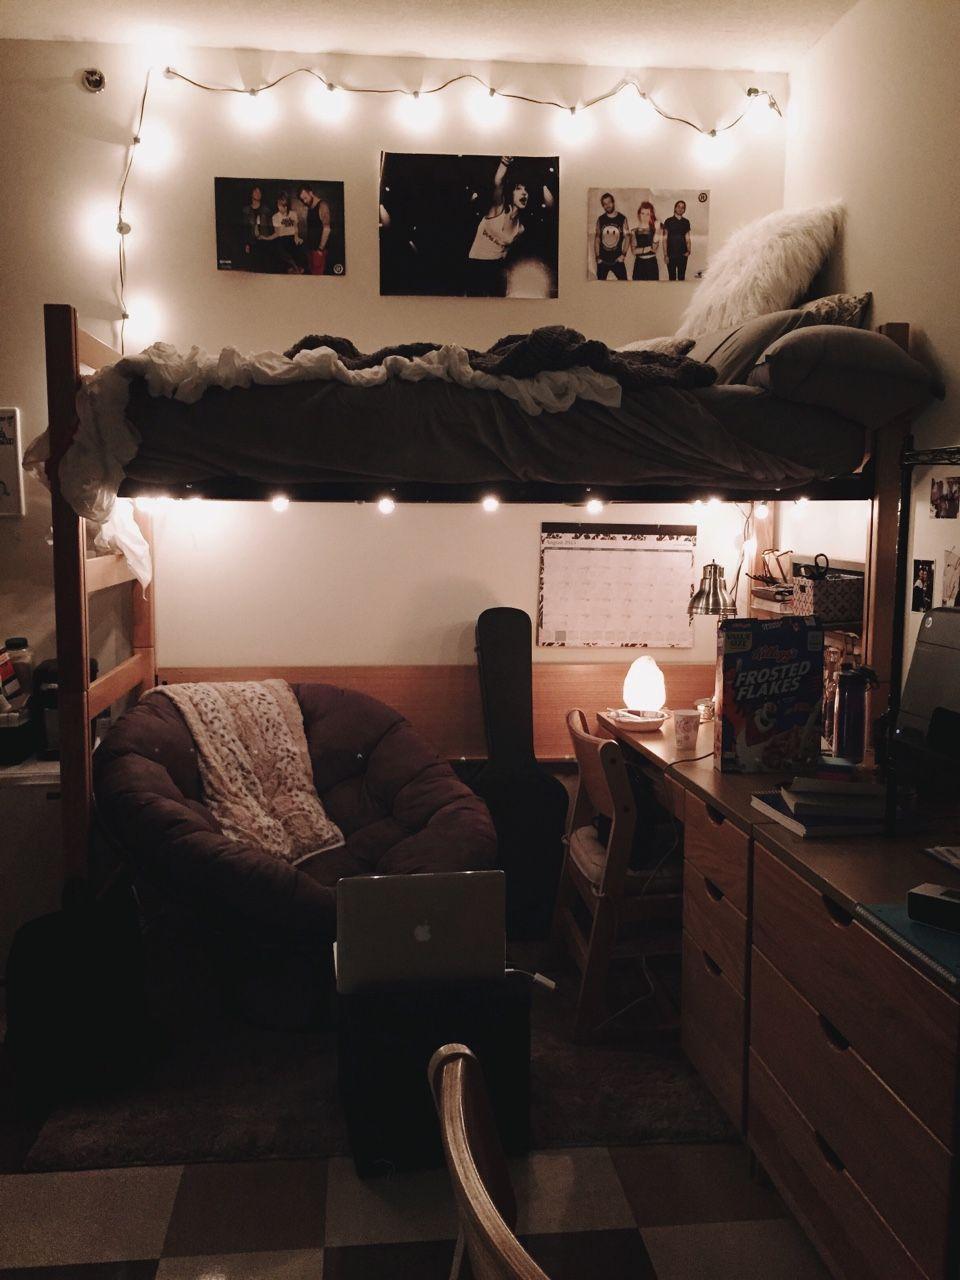 Student Dorm Room: Fuck Yeah, Cool Dorm Rooms — Belmont University